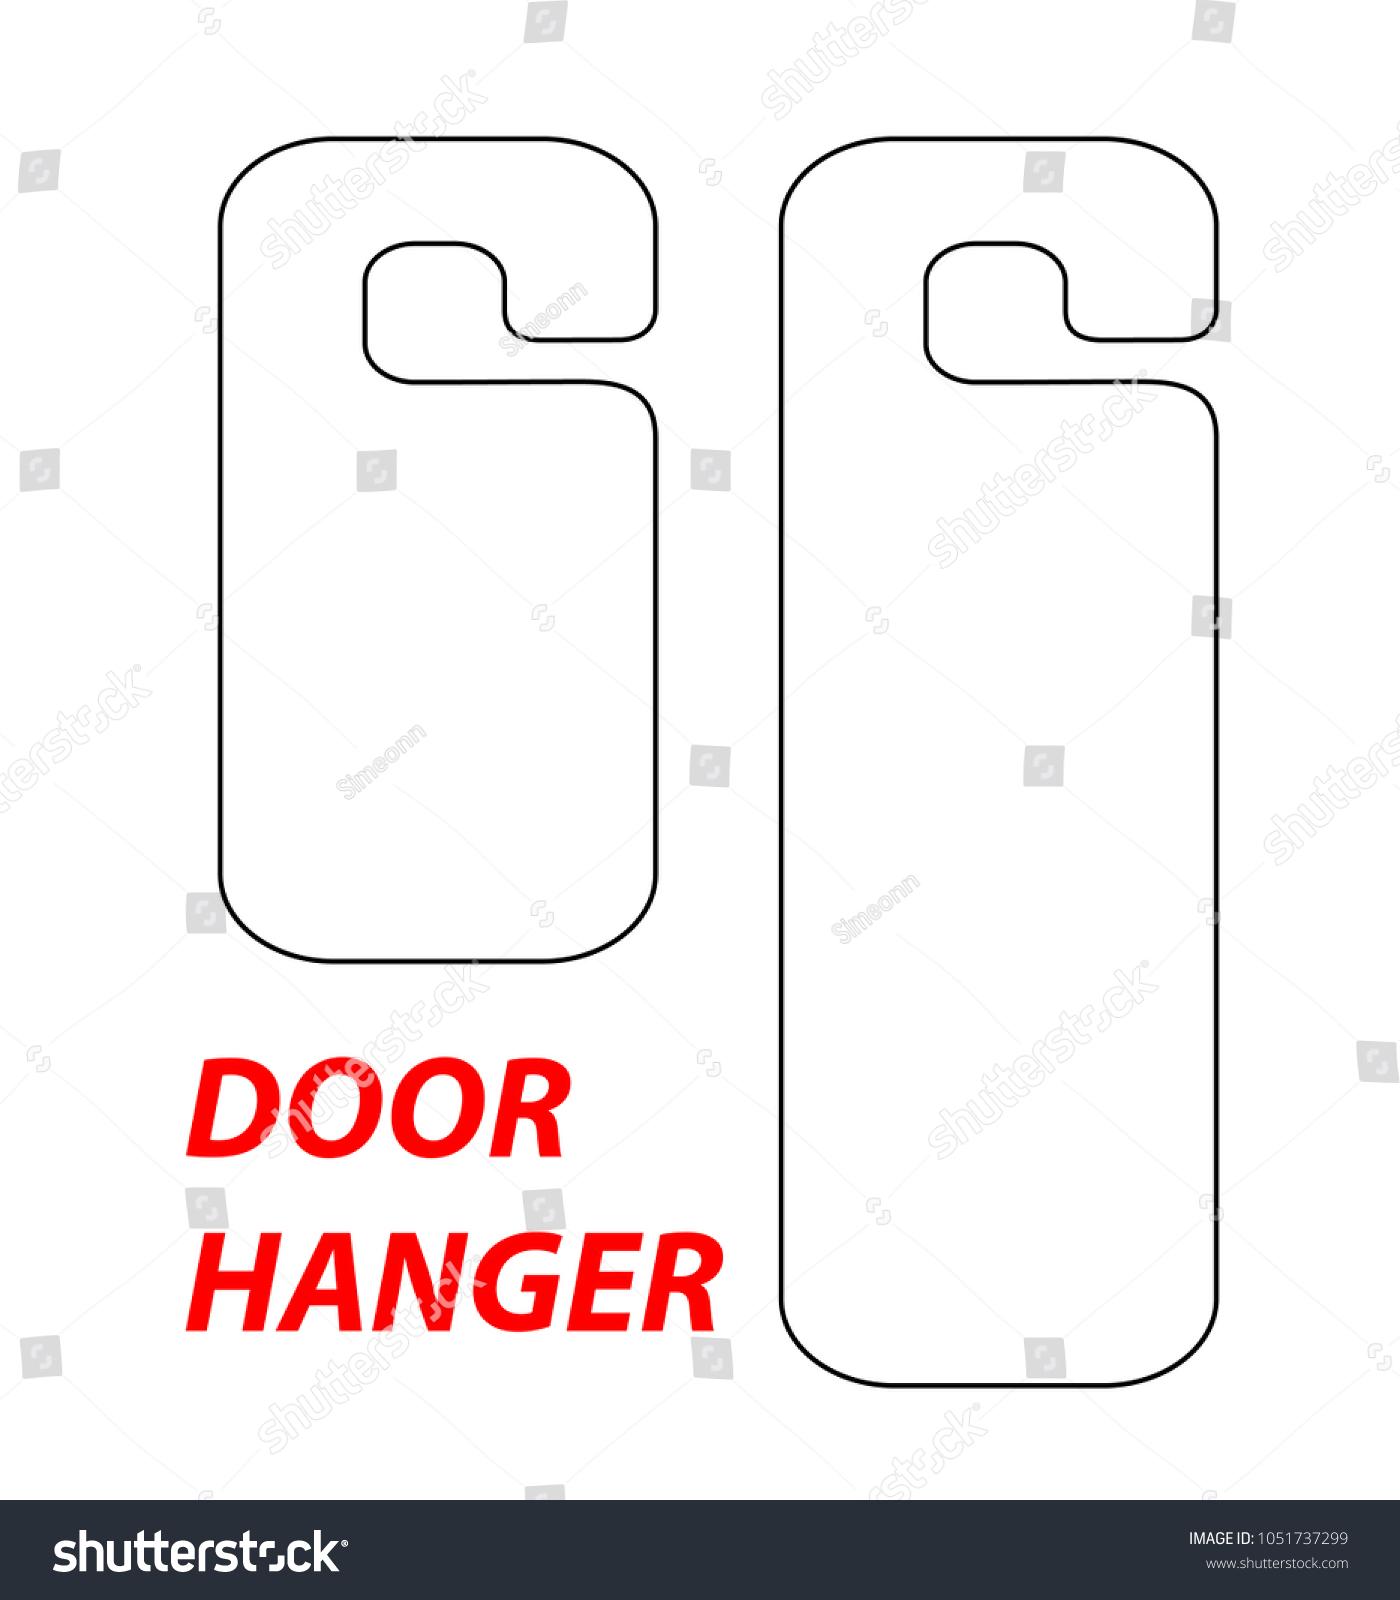 Hanger Die Cut Template Vector Black Stock Vector (Royalty Free ...